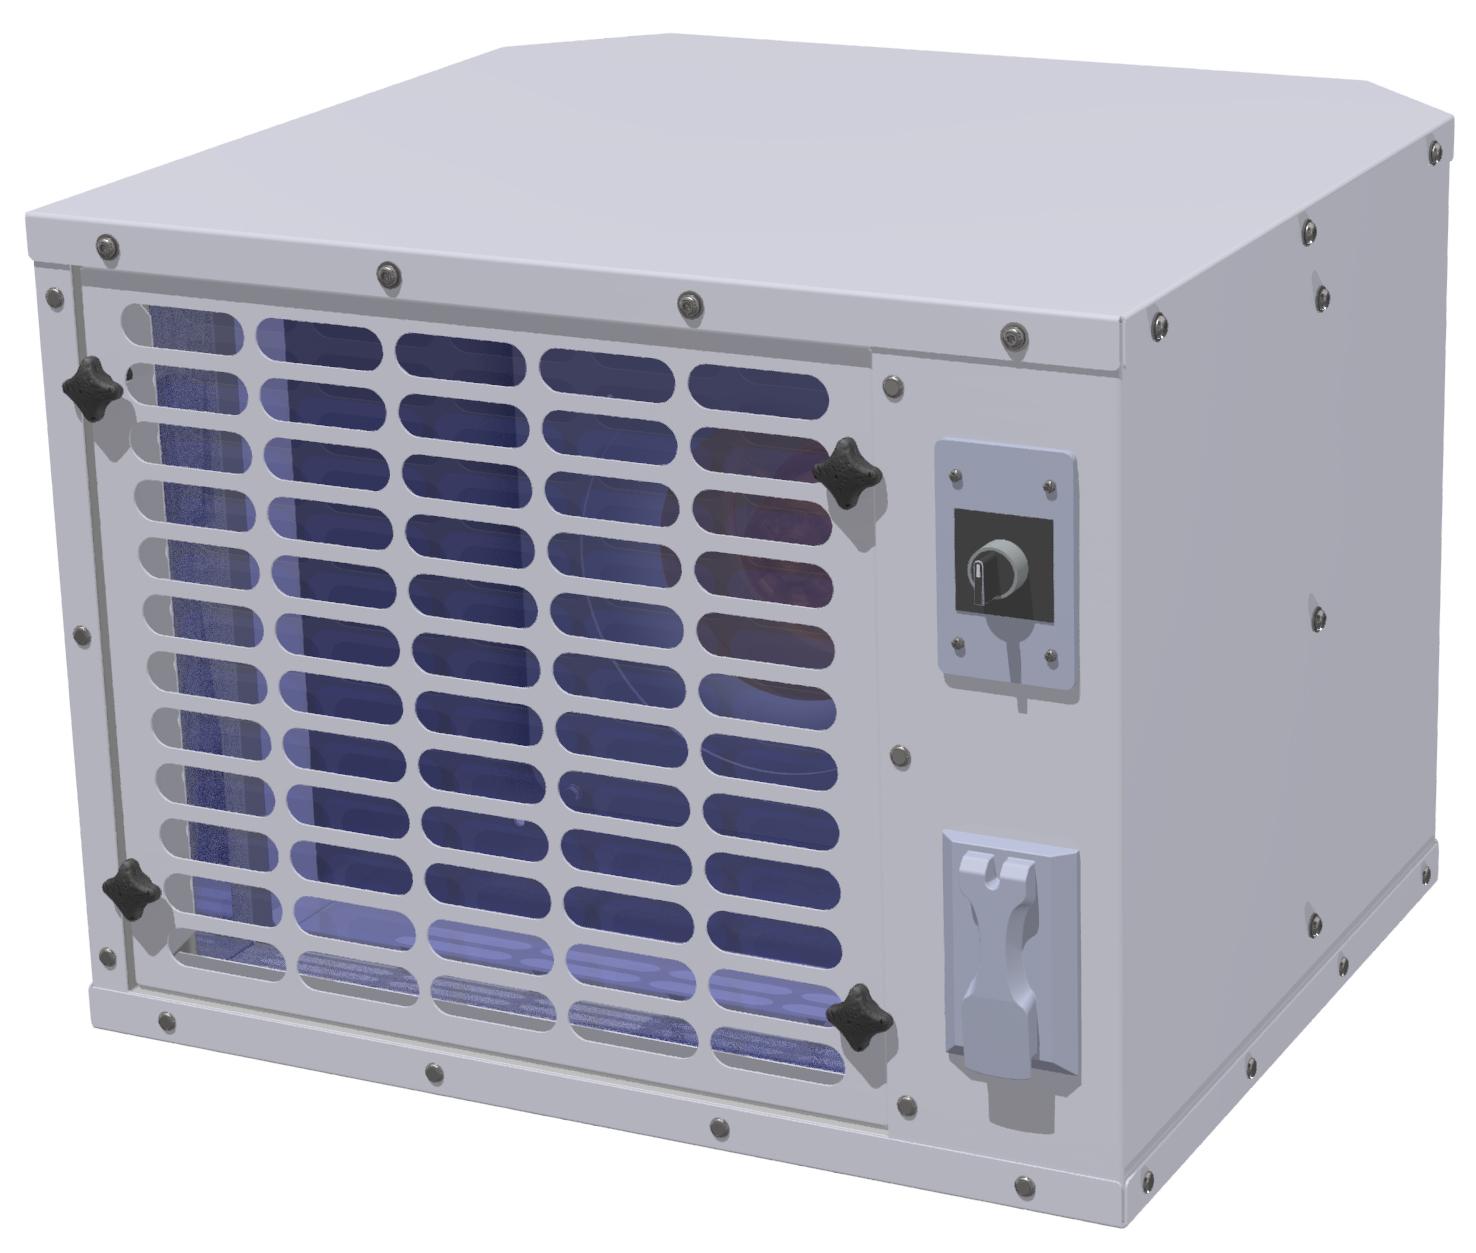 Windows Hepa Filter Fan BKL-WHF-250-110-1-2 - BKL WHF 250 110 1 2